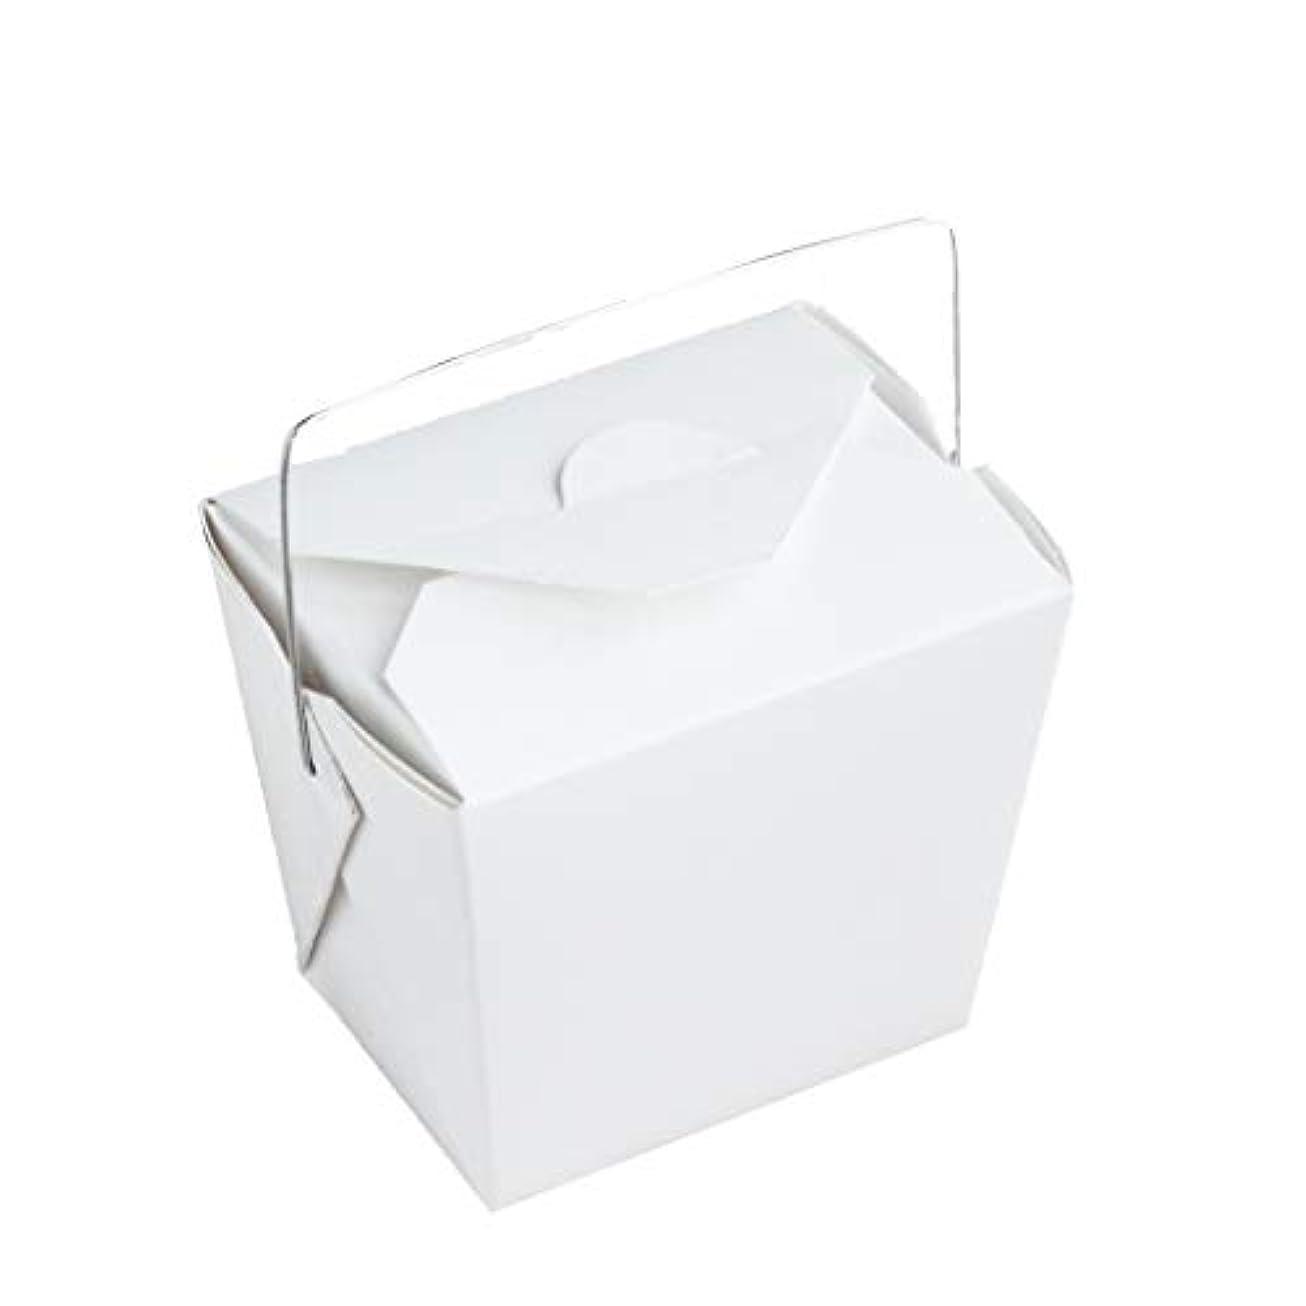 セレナ水を飲む公演手作り石けん用 ワイヤー取っ手付きホワイトペーパー型 10個